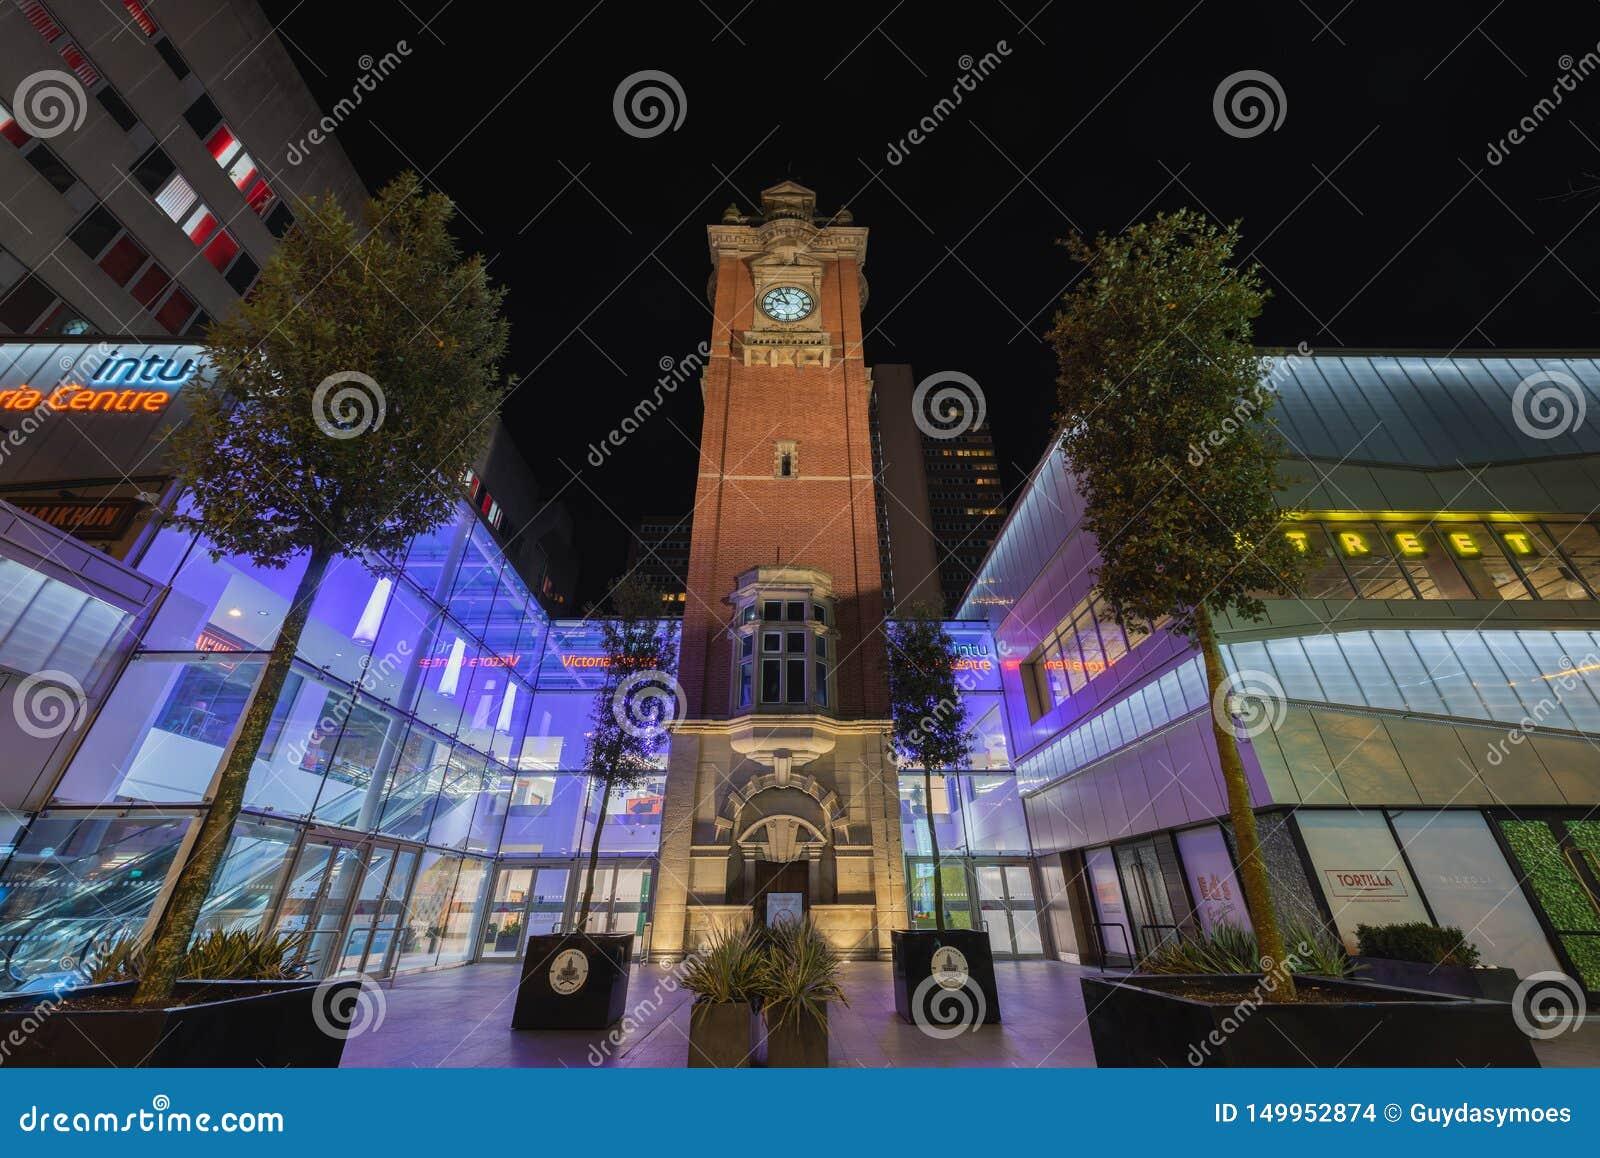 Intu Wiktoria Centre - Nottingham